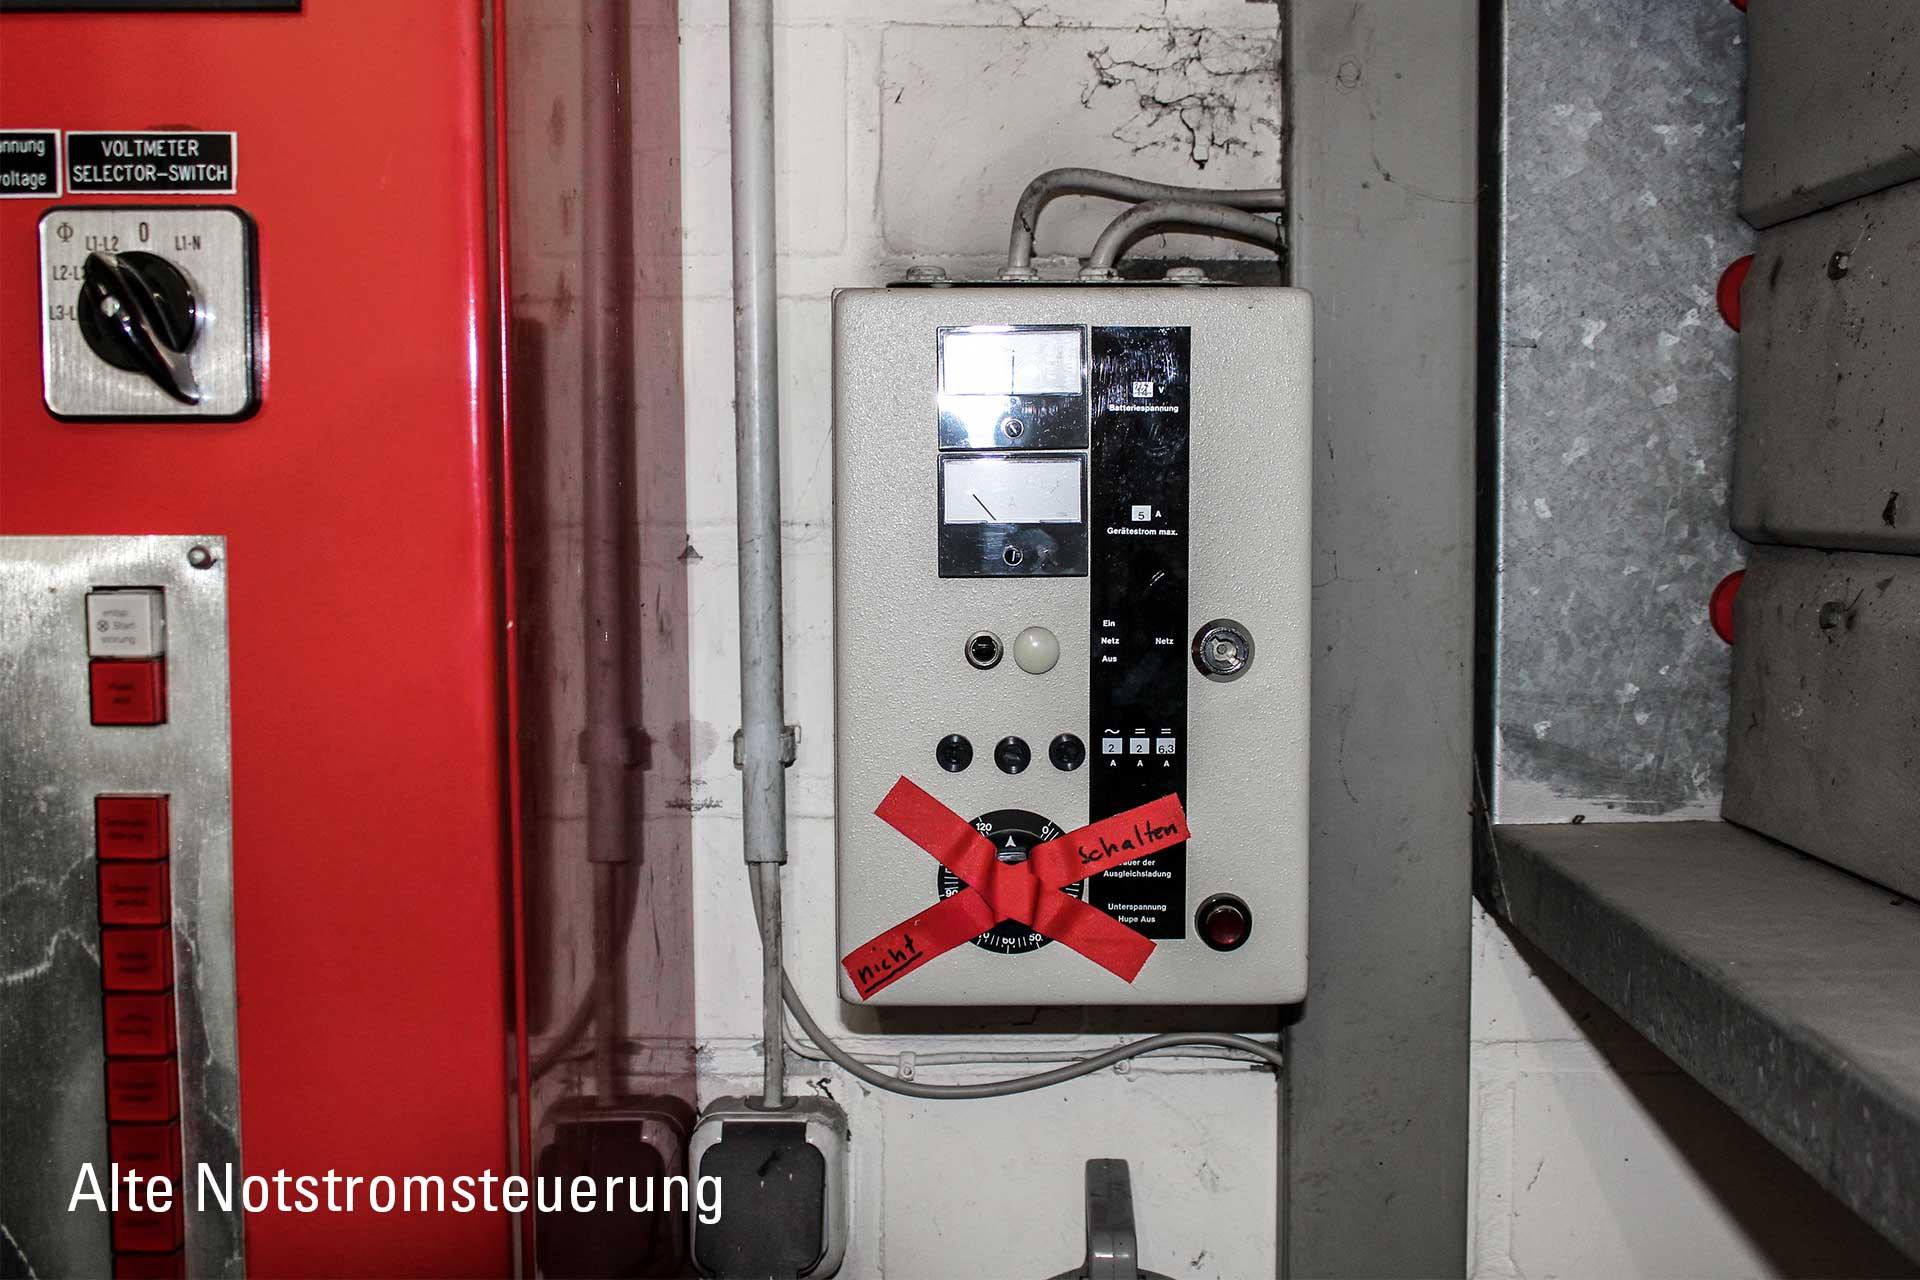 Vergleichsbild: Die alte Notstromsteuerung eines Notstromaggregats die ersetzt wird